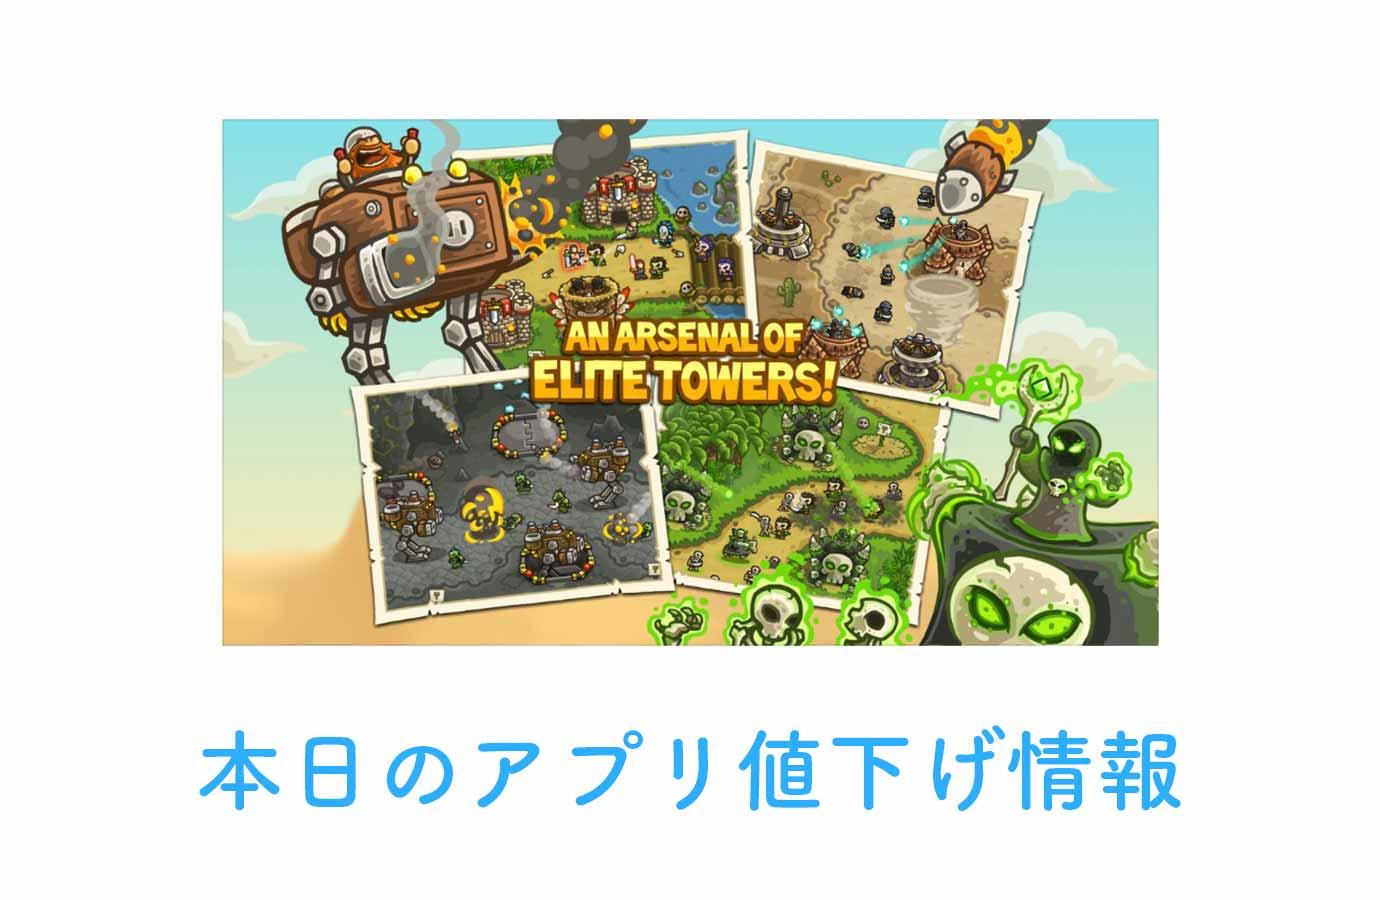 240円→120円!人気タワーディフェンス「Kingdom Rush Frontiers」など【10/31】アプリ値下げ情報